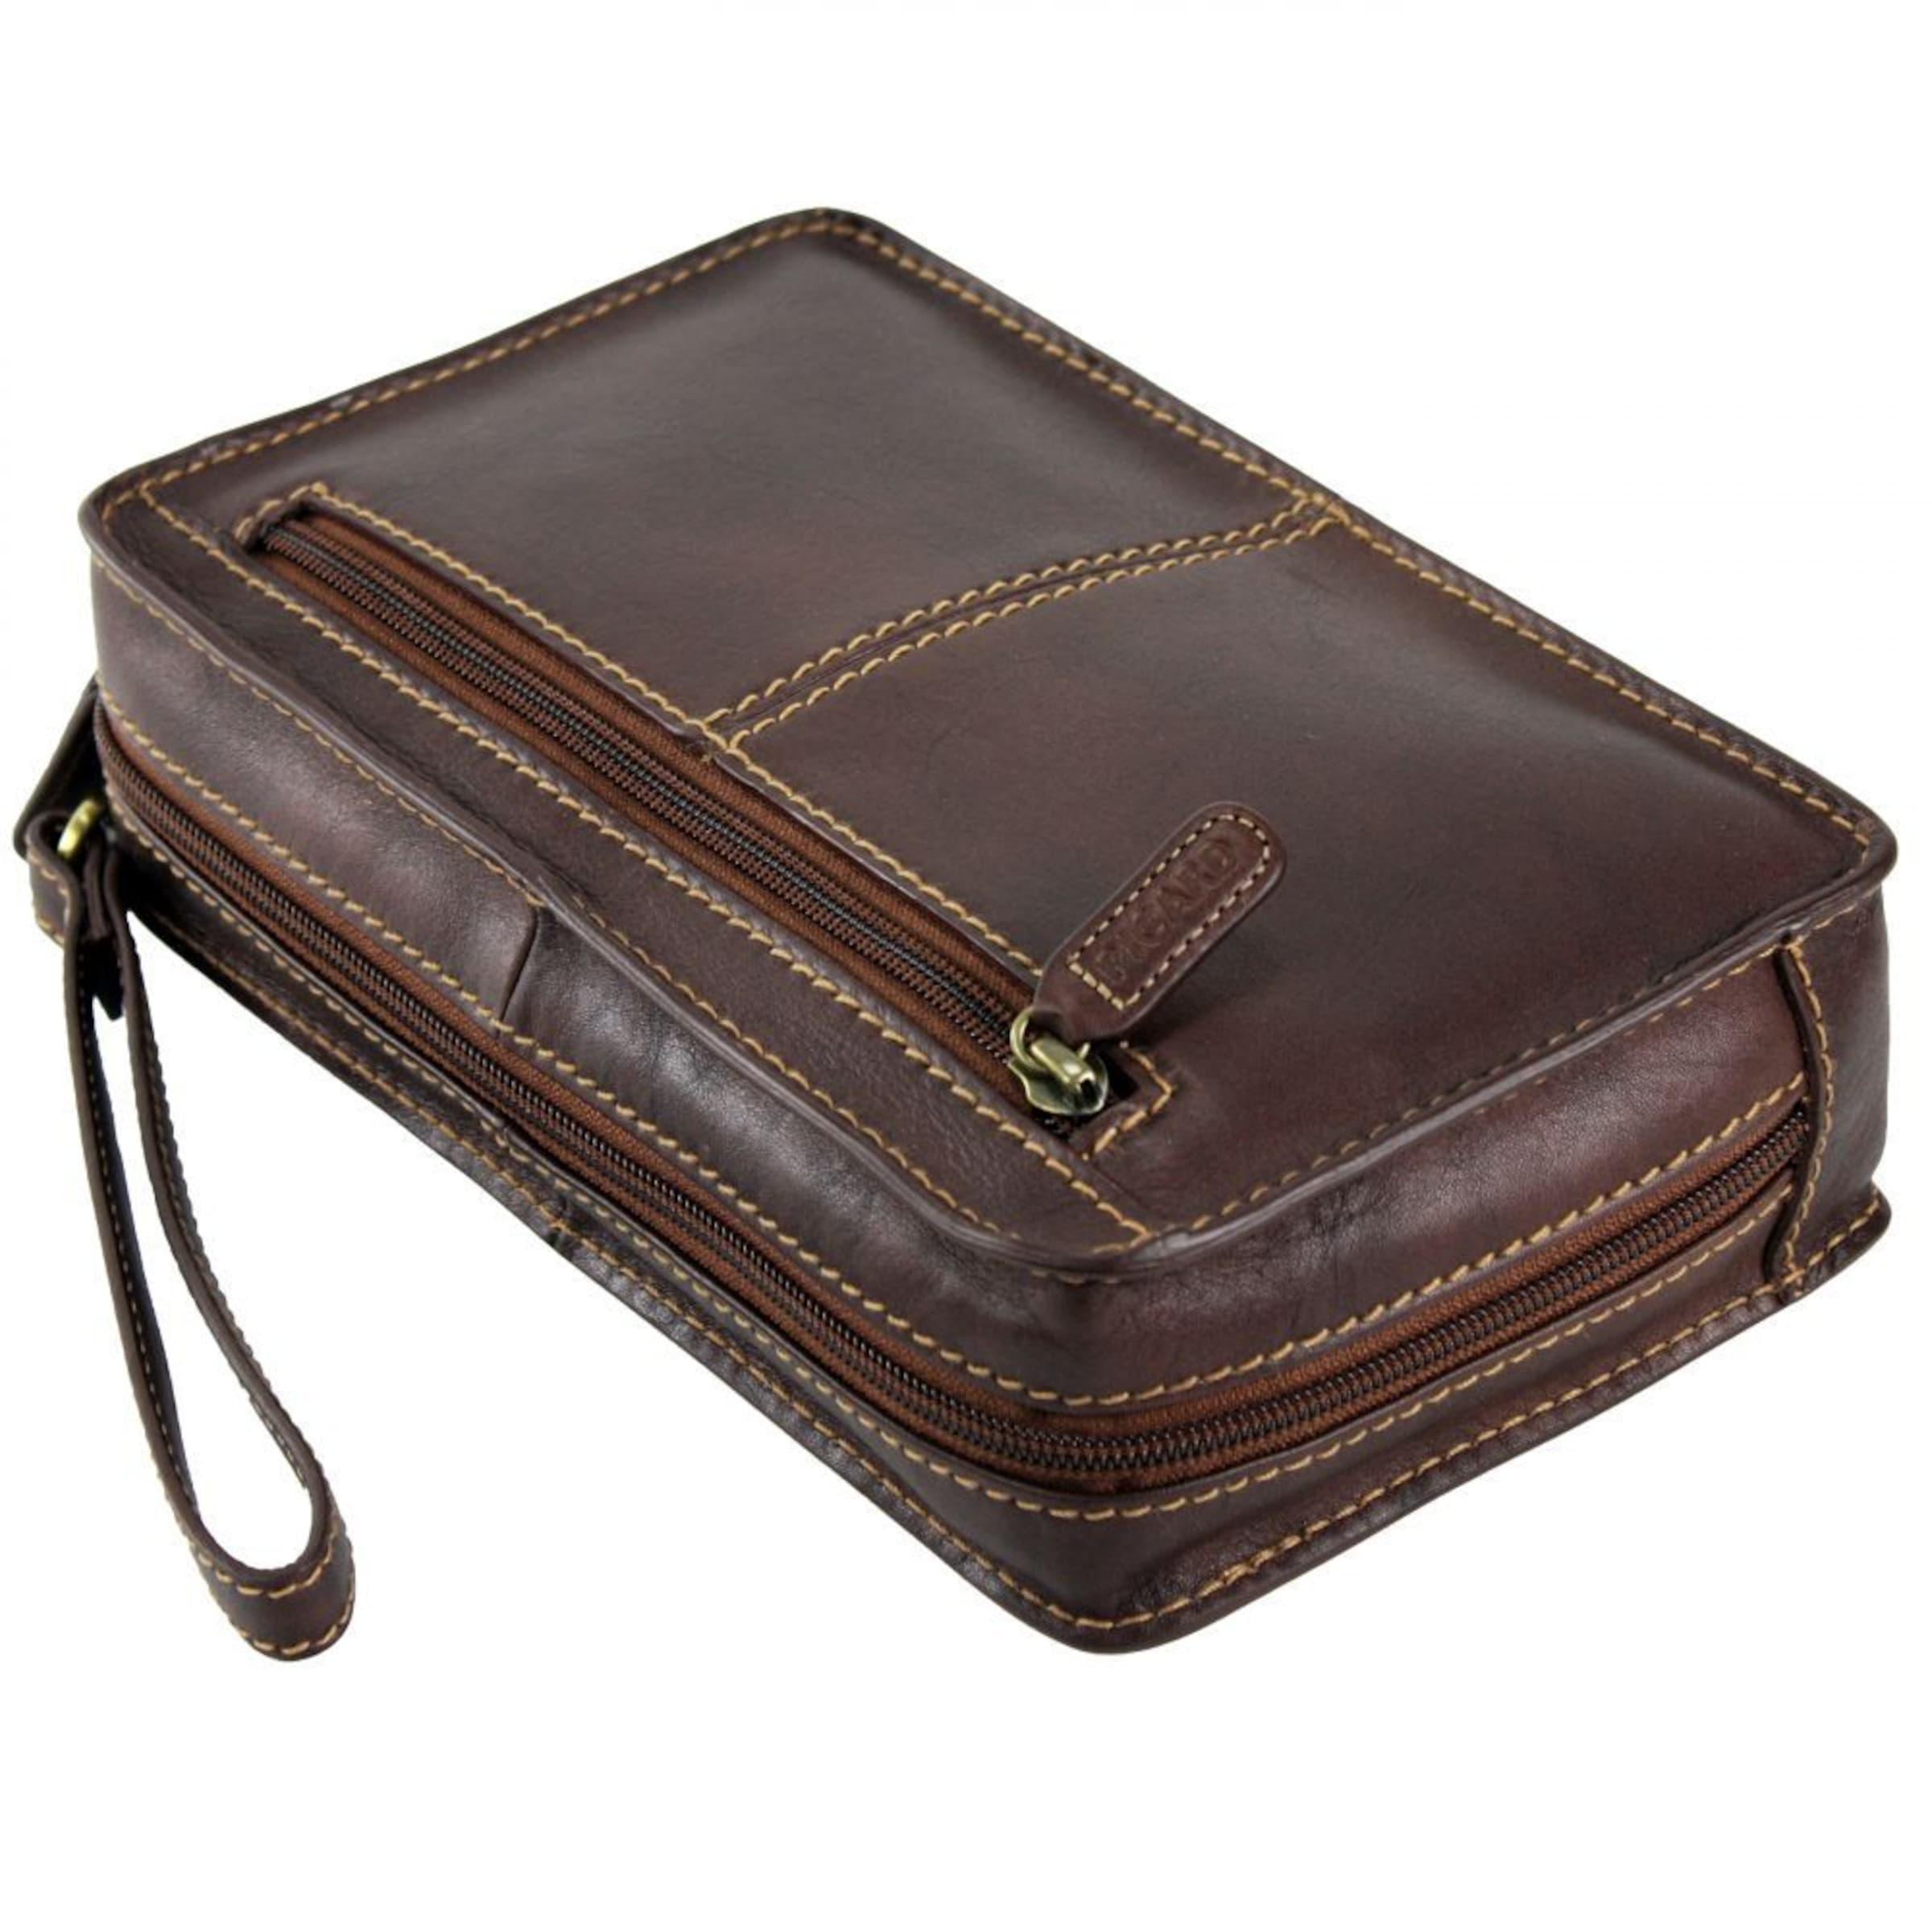 Verkauf Komfortabel Spielraum Empfehlen Picard Toscana Handgelenktasche Leder 23 cm Günstig Kaufen Billig FVF6e4sJY